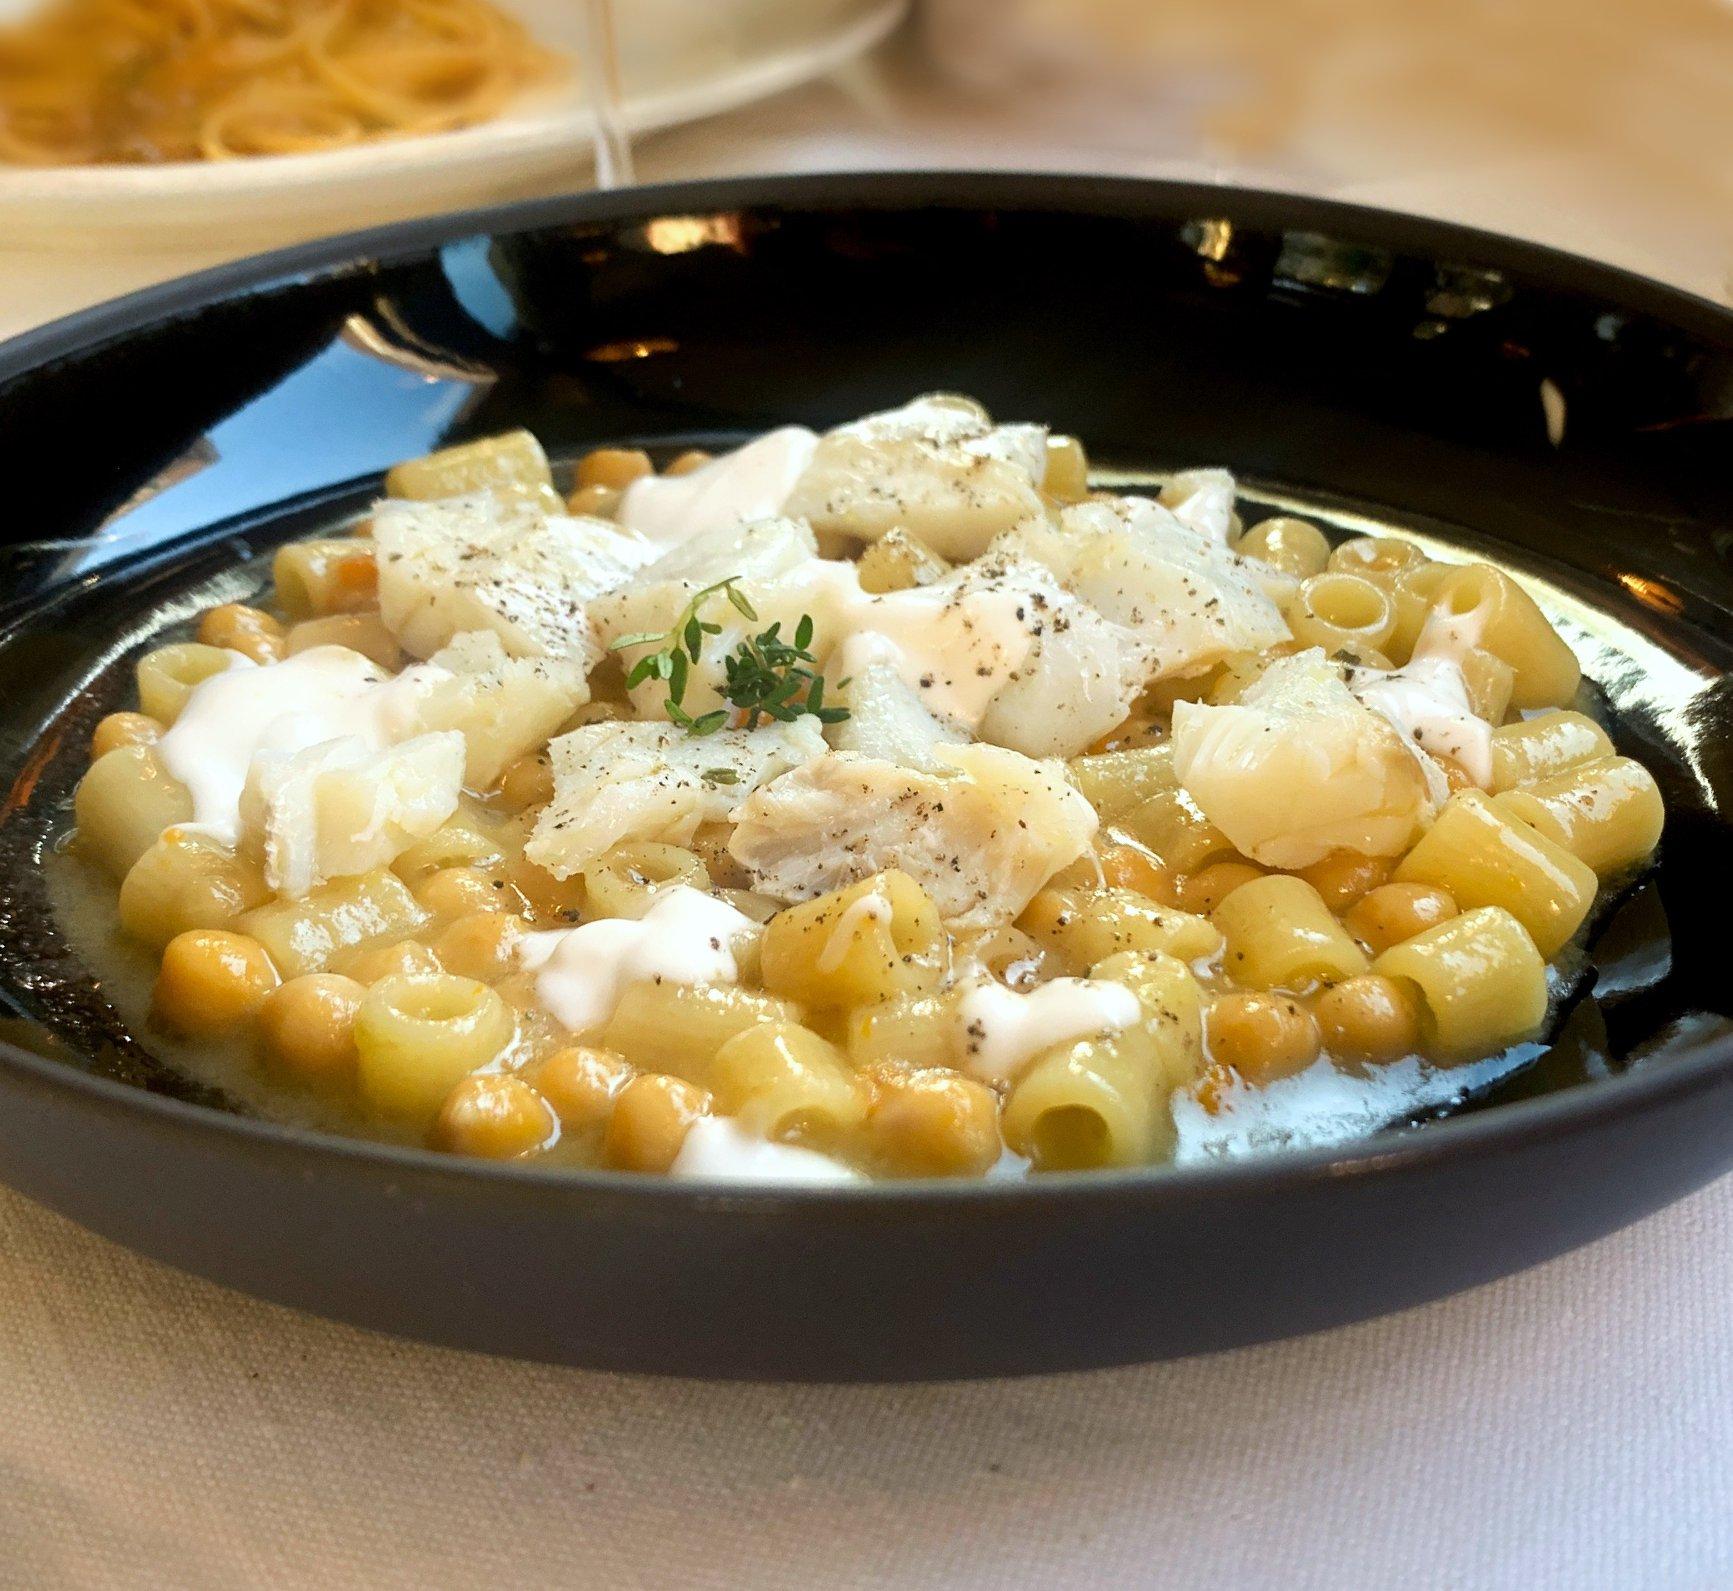 ai_piani_ristorante_roma_parioli_pesce_fresco_pasta_ceci_baccalà_dinner_cena_romantic_lunch_pranzo_rome_nord